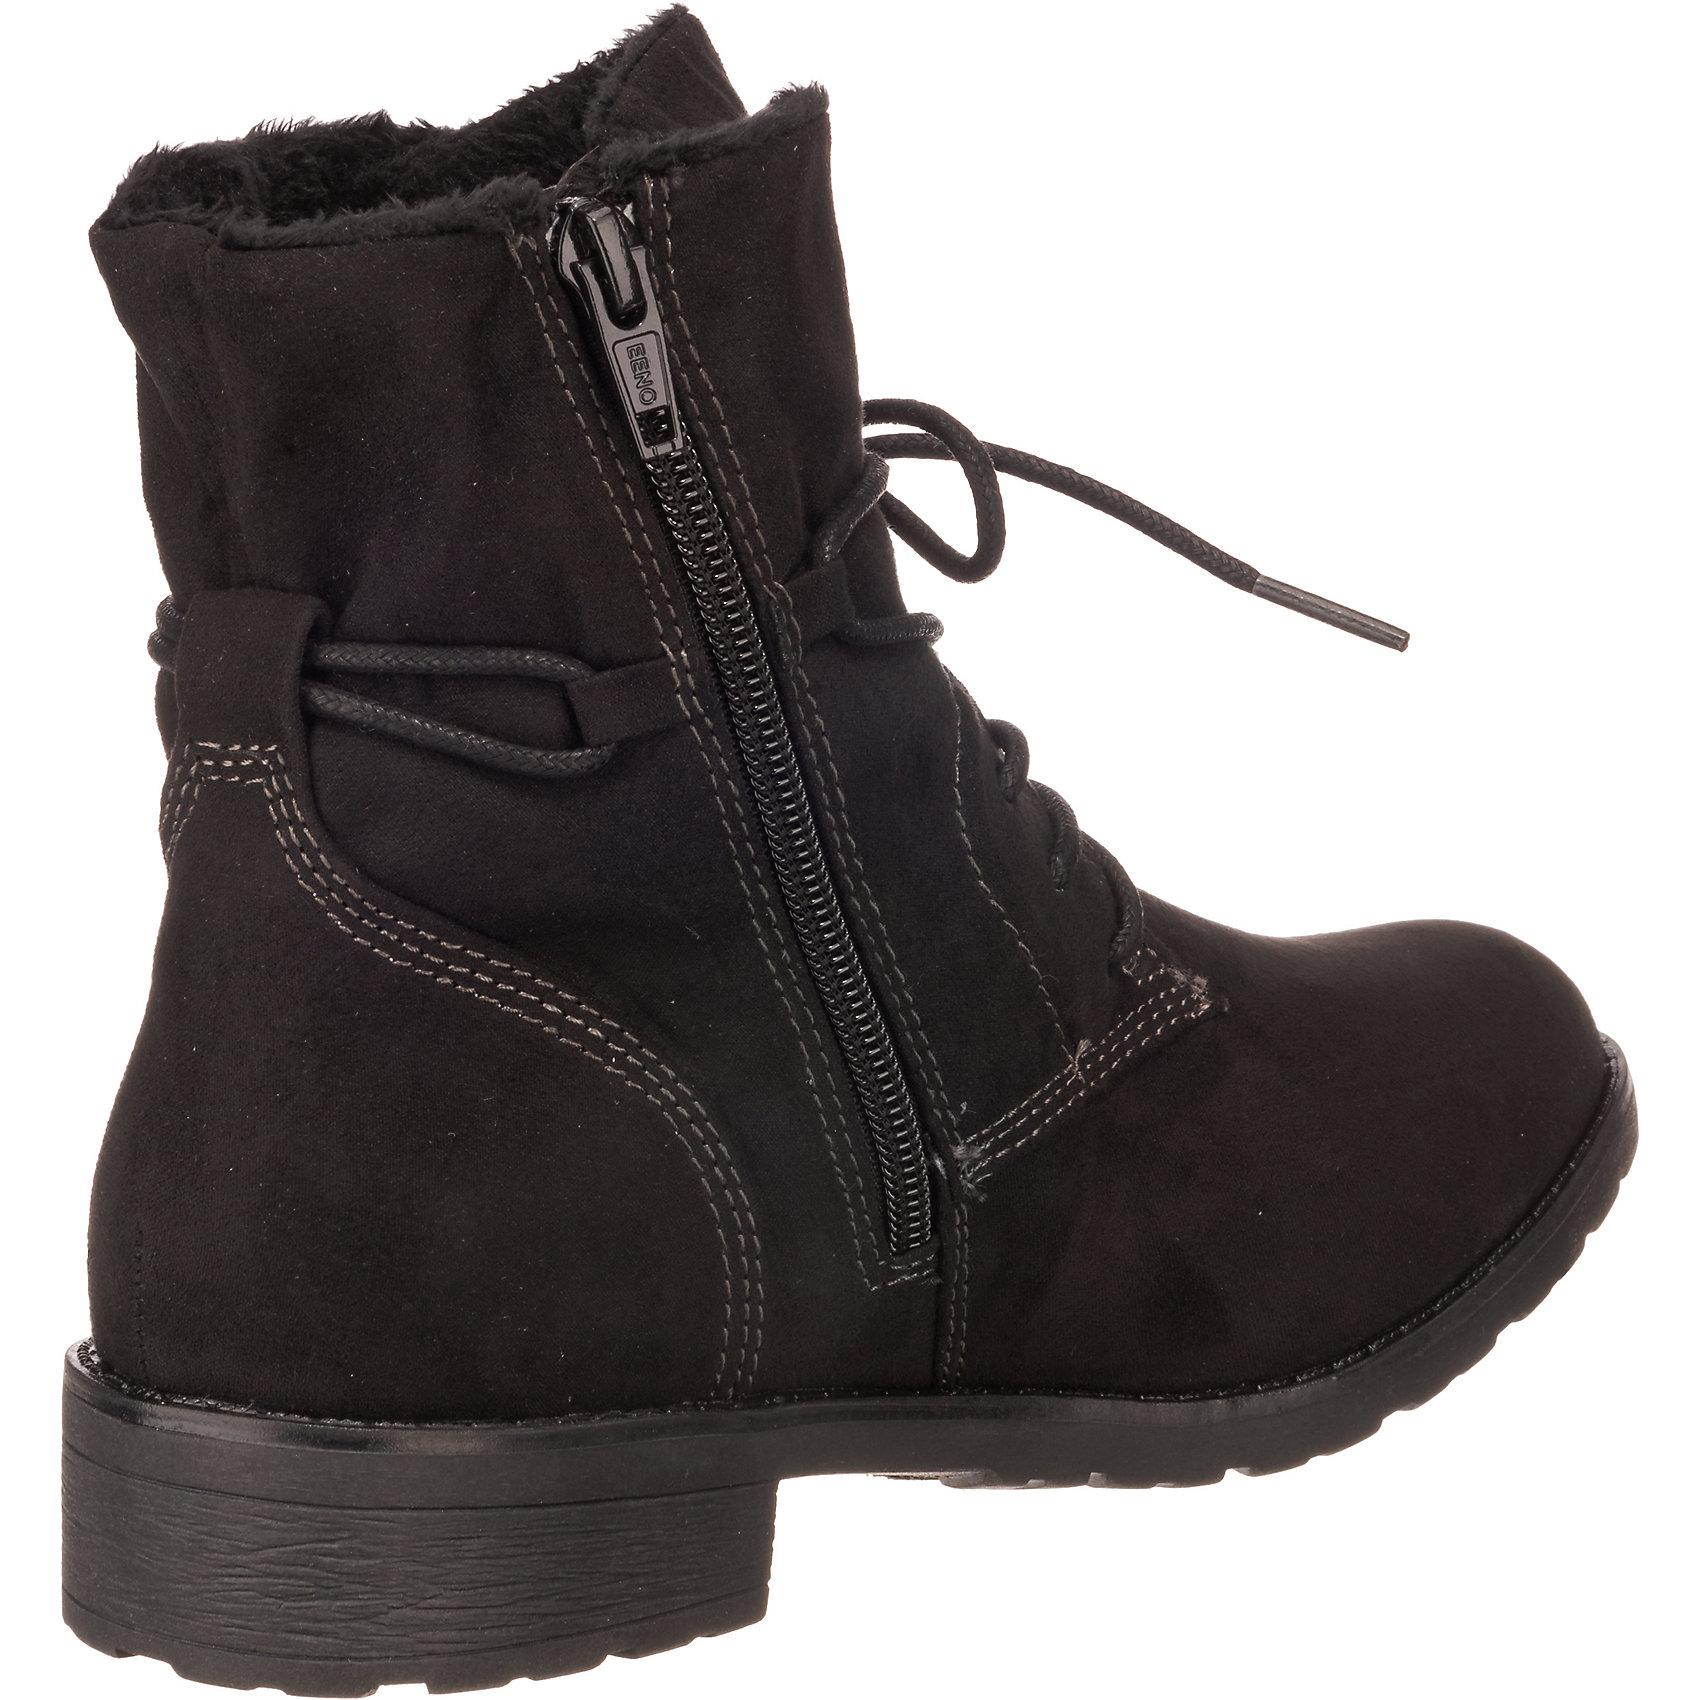 Neu Jane Klain Stiefeletten 5780234 für Damen schwarz